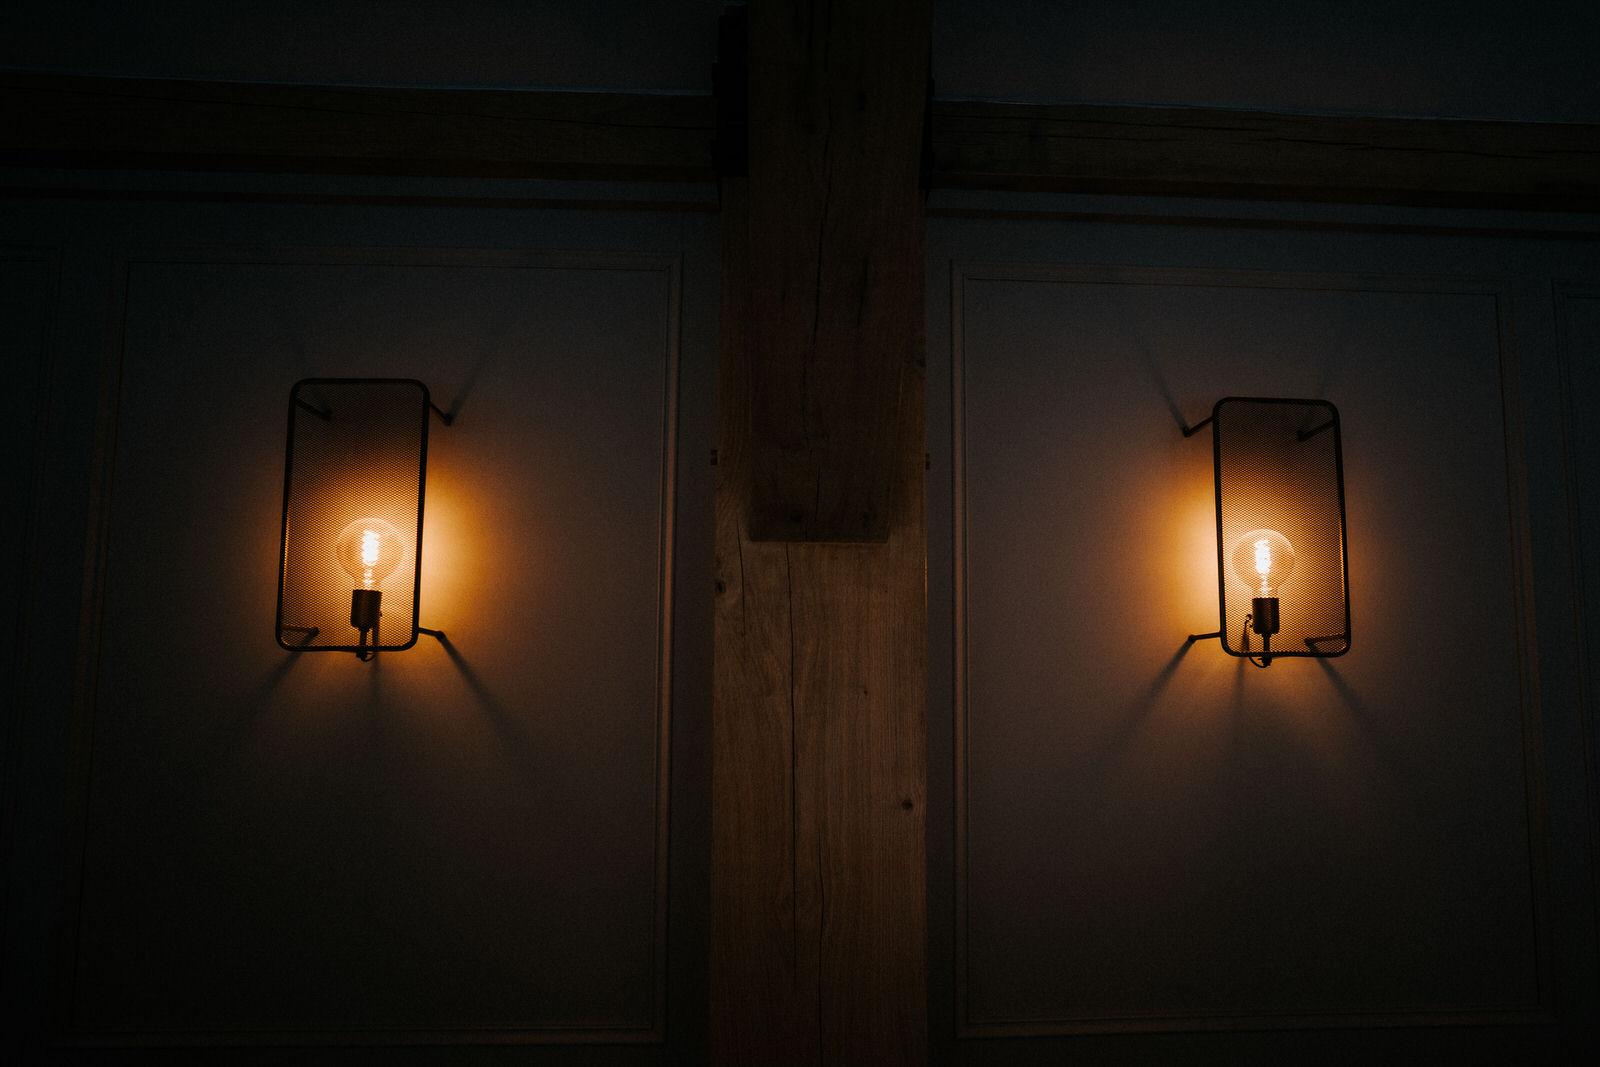 Room One Interior lights